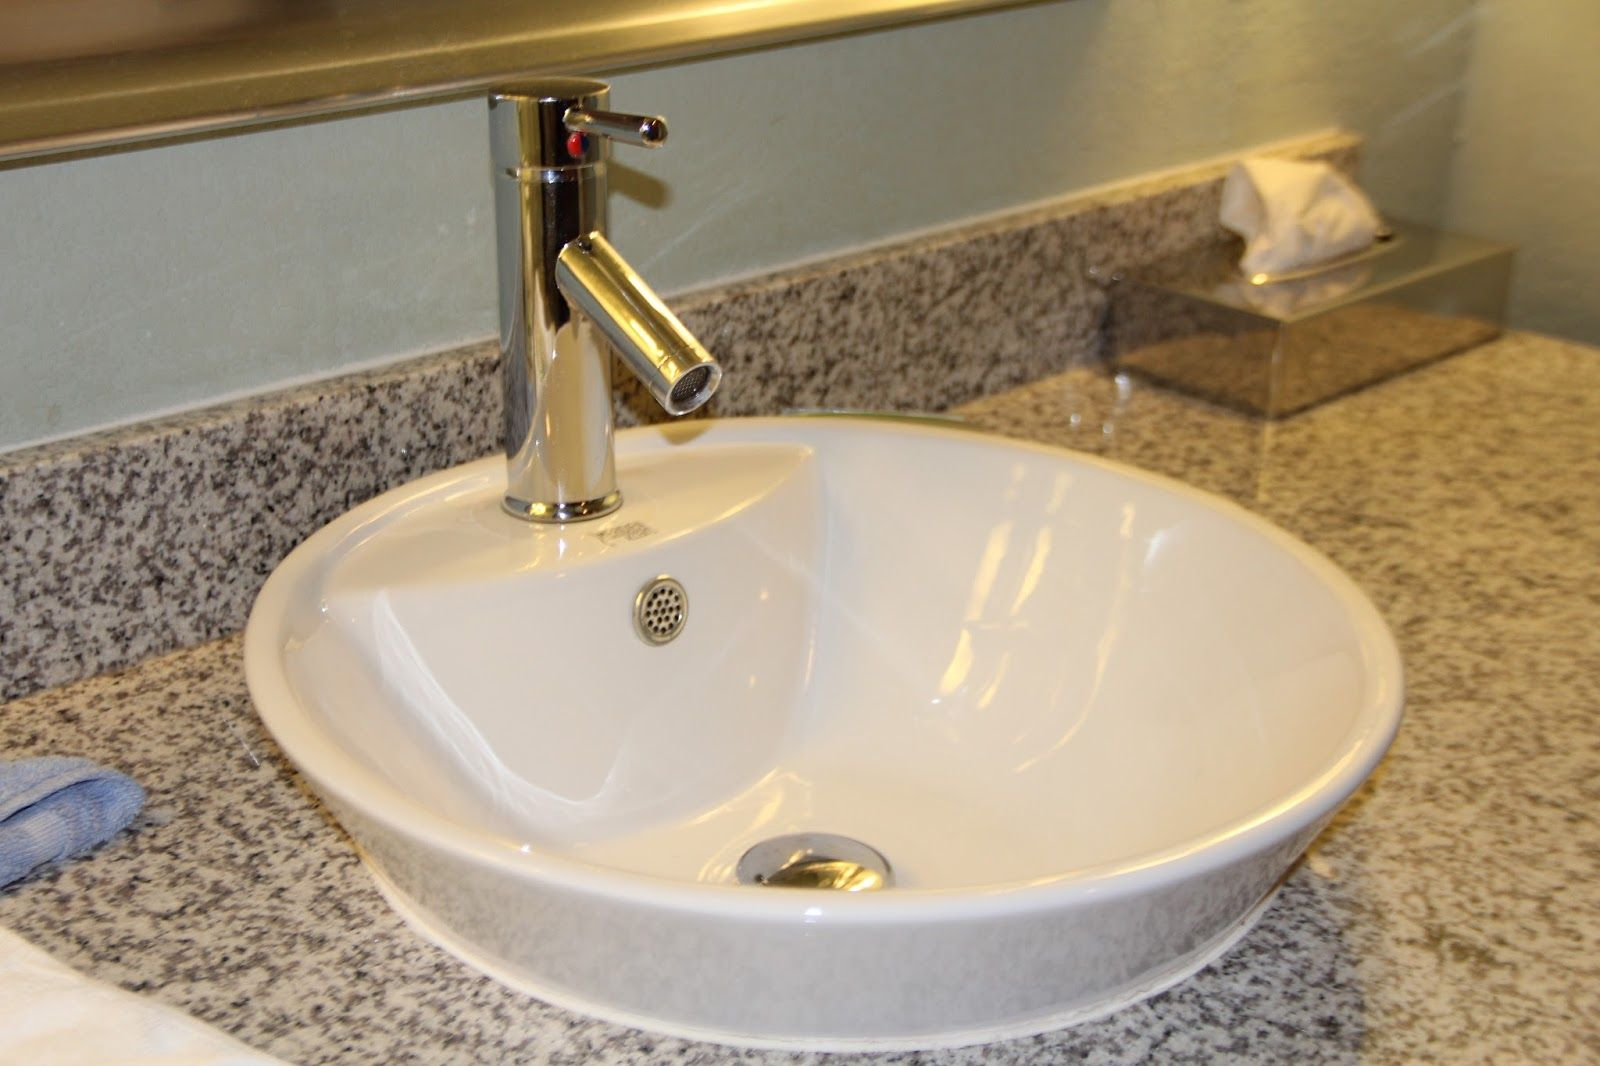 Fliesen ideen um badezimmer eitelkeit marmor waschbecken bad  mehr auf unserer website  von grohe die